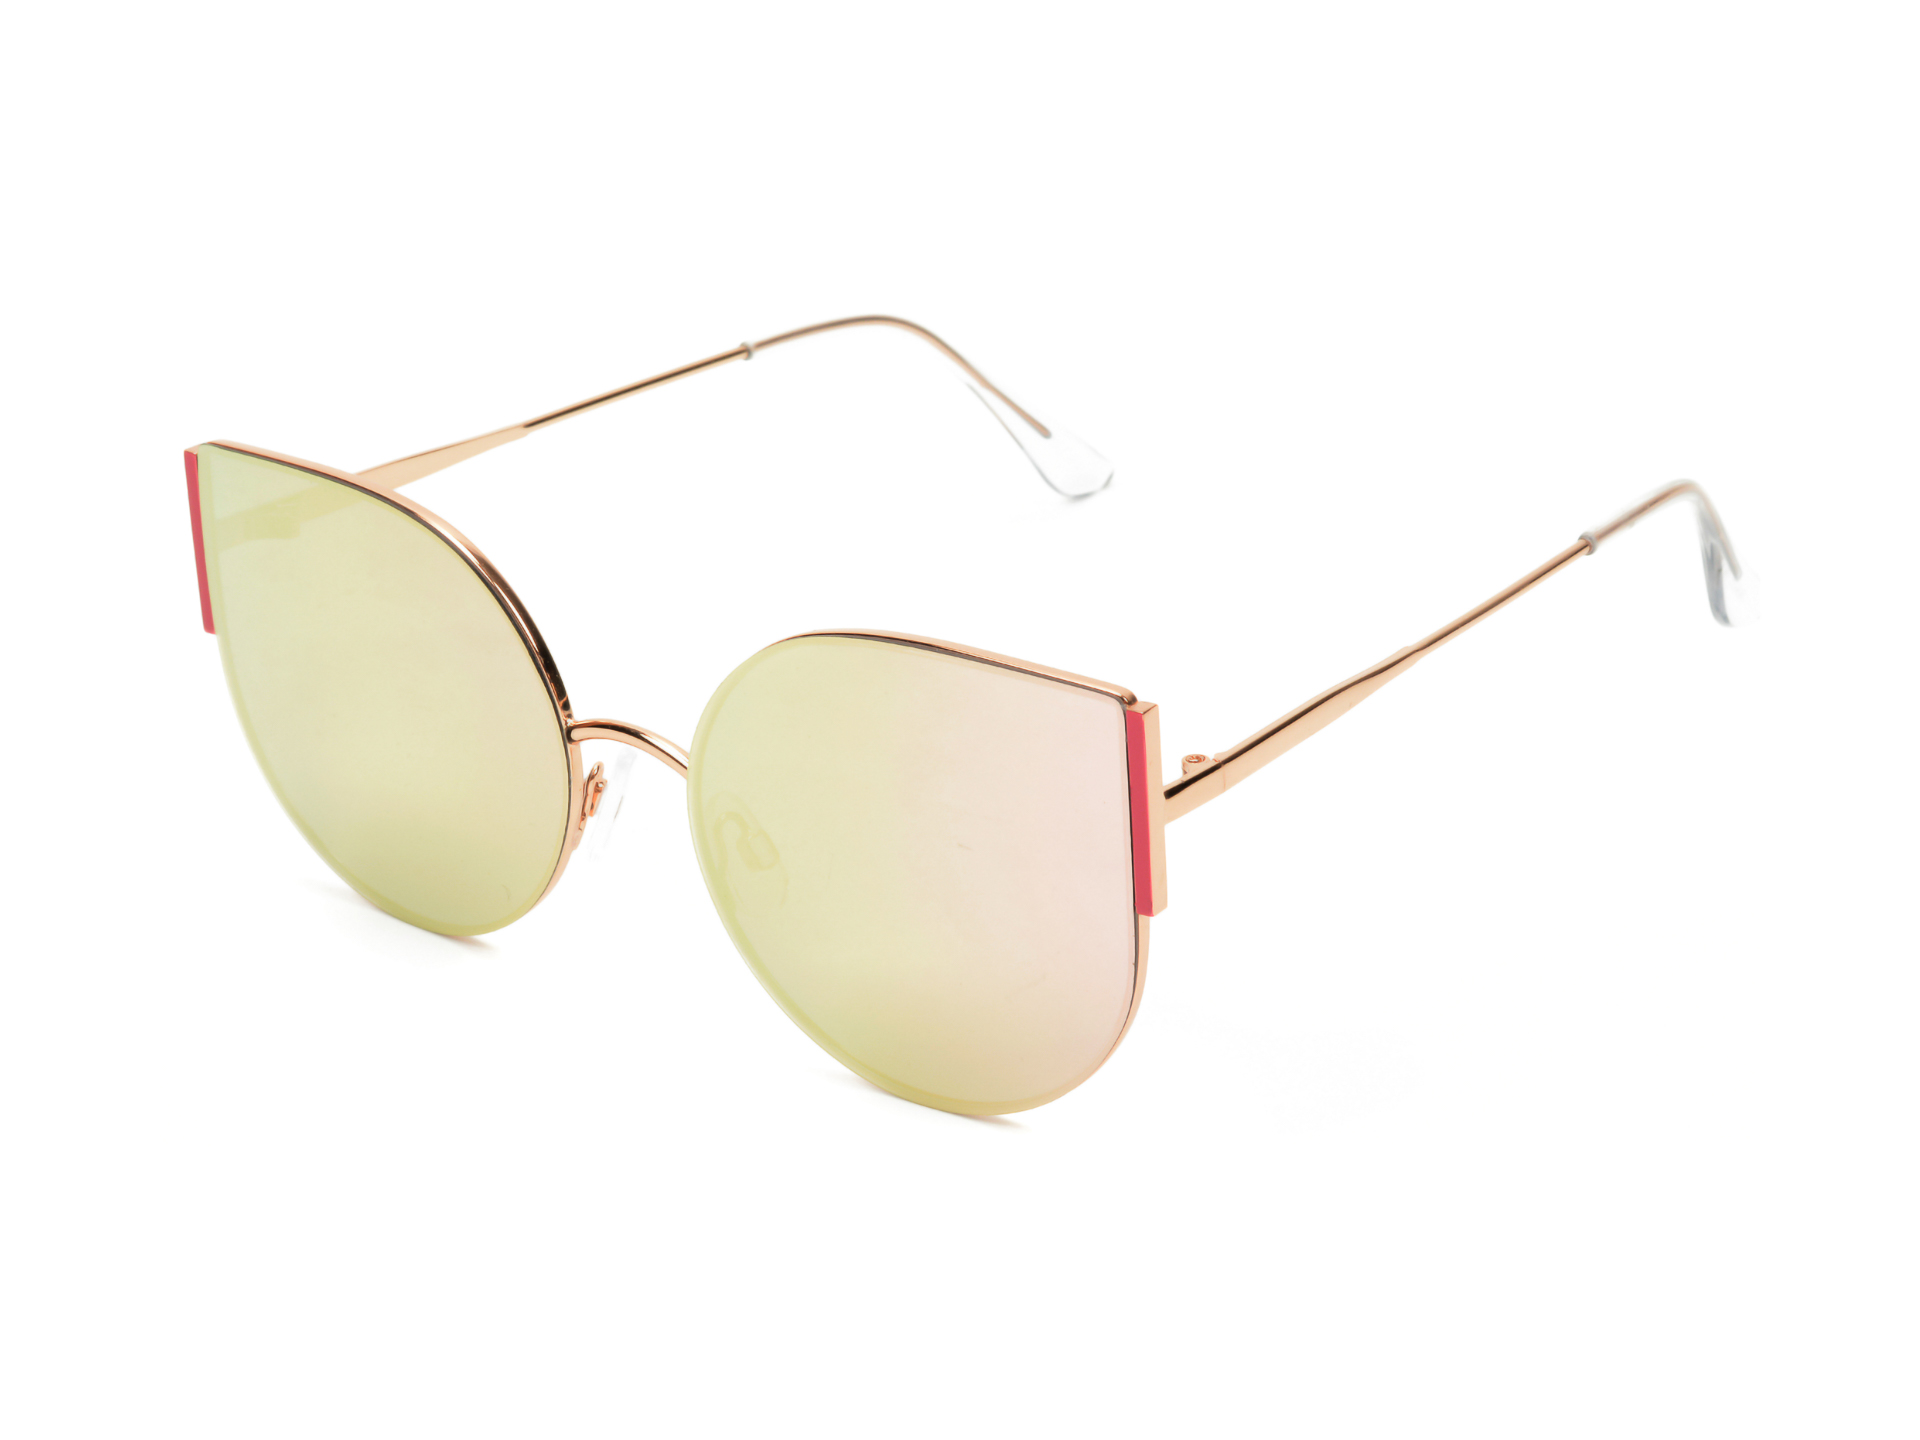 Ochelari de soare ALDO roz, Nellia650, din PVC imagine